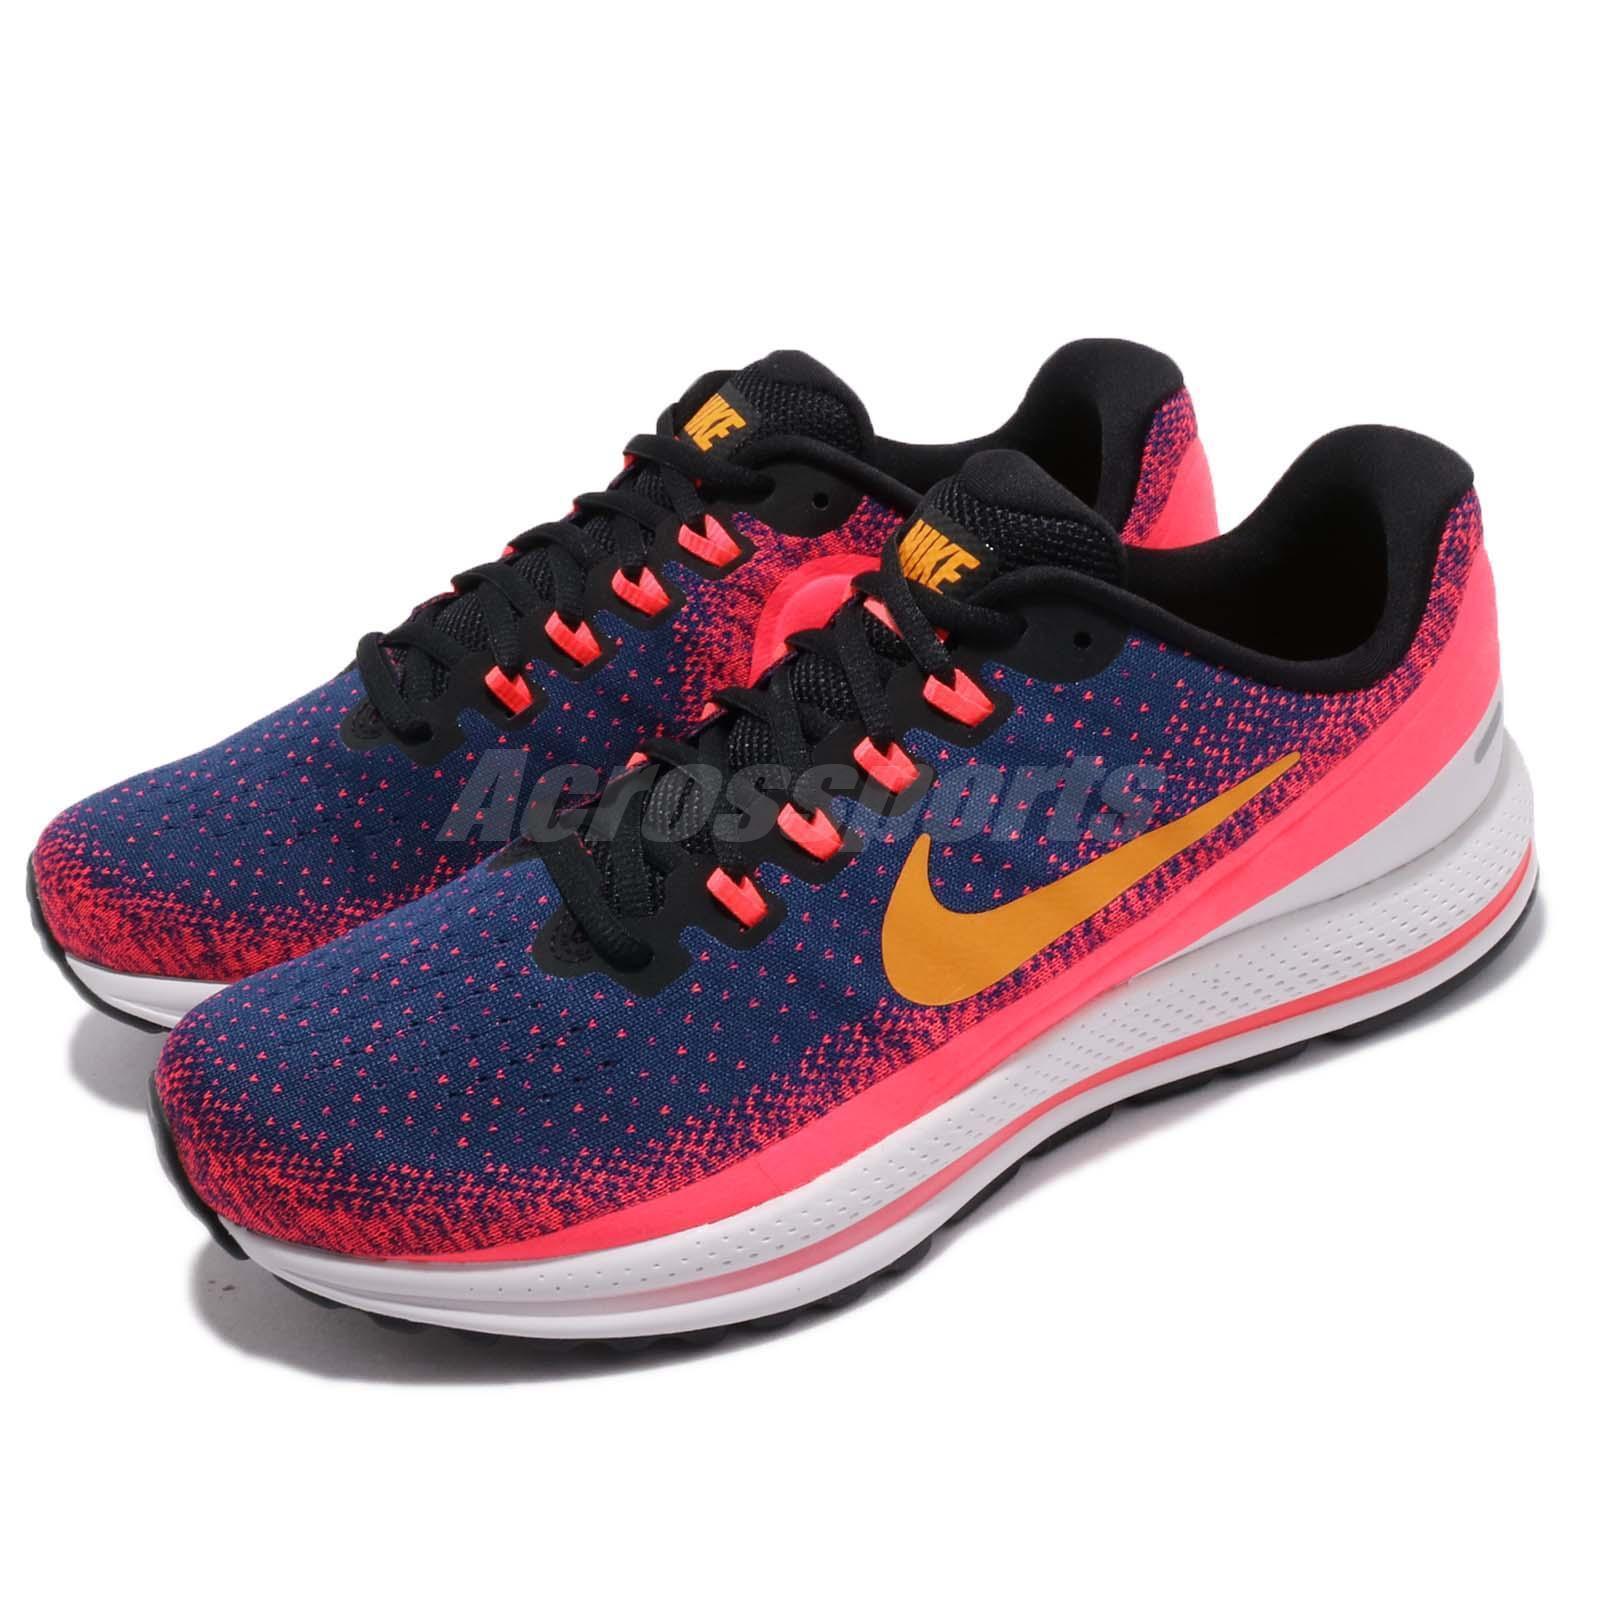 Nike Air Zoom Vomero 13 XIII bluee Void orange Peel Men Running shoes 922908-483